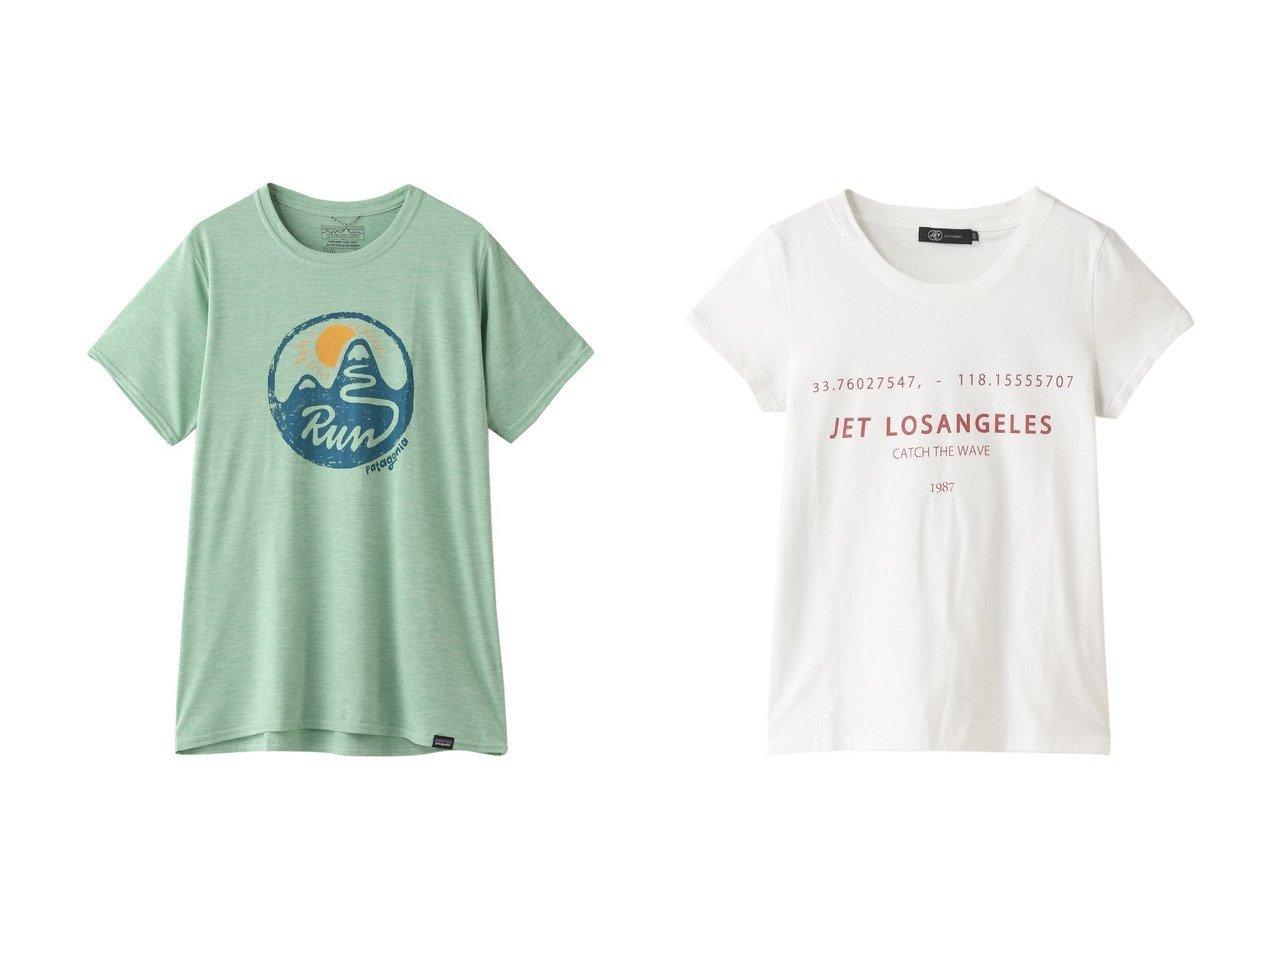 【Patagonia/パタゴニア】のW s キャップクールデイリーグラフィックTシャツ&【JET/ジェット】の【JET LOSANGELES】【ウォッシャブル】コンパクトロゴプリントTシャツ 【トップス・カットソー】おすすめ!人気、トレンド・レディースファッションの通販  おすすめで人気の流行・トレンド、ファッションの通販商品 メンズファッション・キッズファッション・インテリア・家具・レディースファッション・服の通販 founy(ファニー) https://founy.com/ ファッション Fashion レディースファッション WOMEN トップス・カットソー Tops/Tshirt シャツ/ブラウス Shirts/Blouses ロング / Tシャツ T-Shirts スポーツウェア Sportswear スポーツ トップス Tops カットソー Cut and Sewn 2021年 2021 2021春夏・S/S SS/Spring/Summer/2021 S/S・春夏 SS・Spring/Summer グラフィック スポーツ 抗菌 春 Spring |ID:crp329100000026540